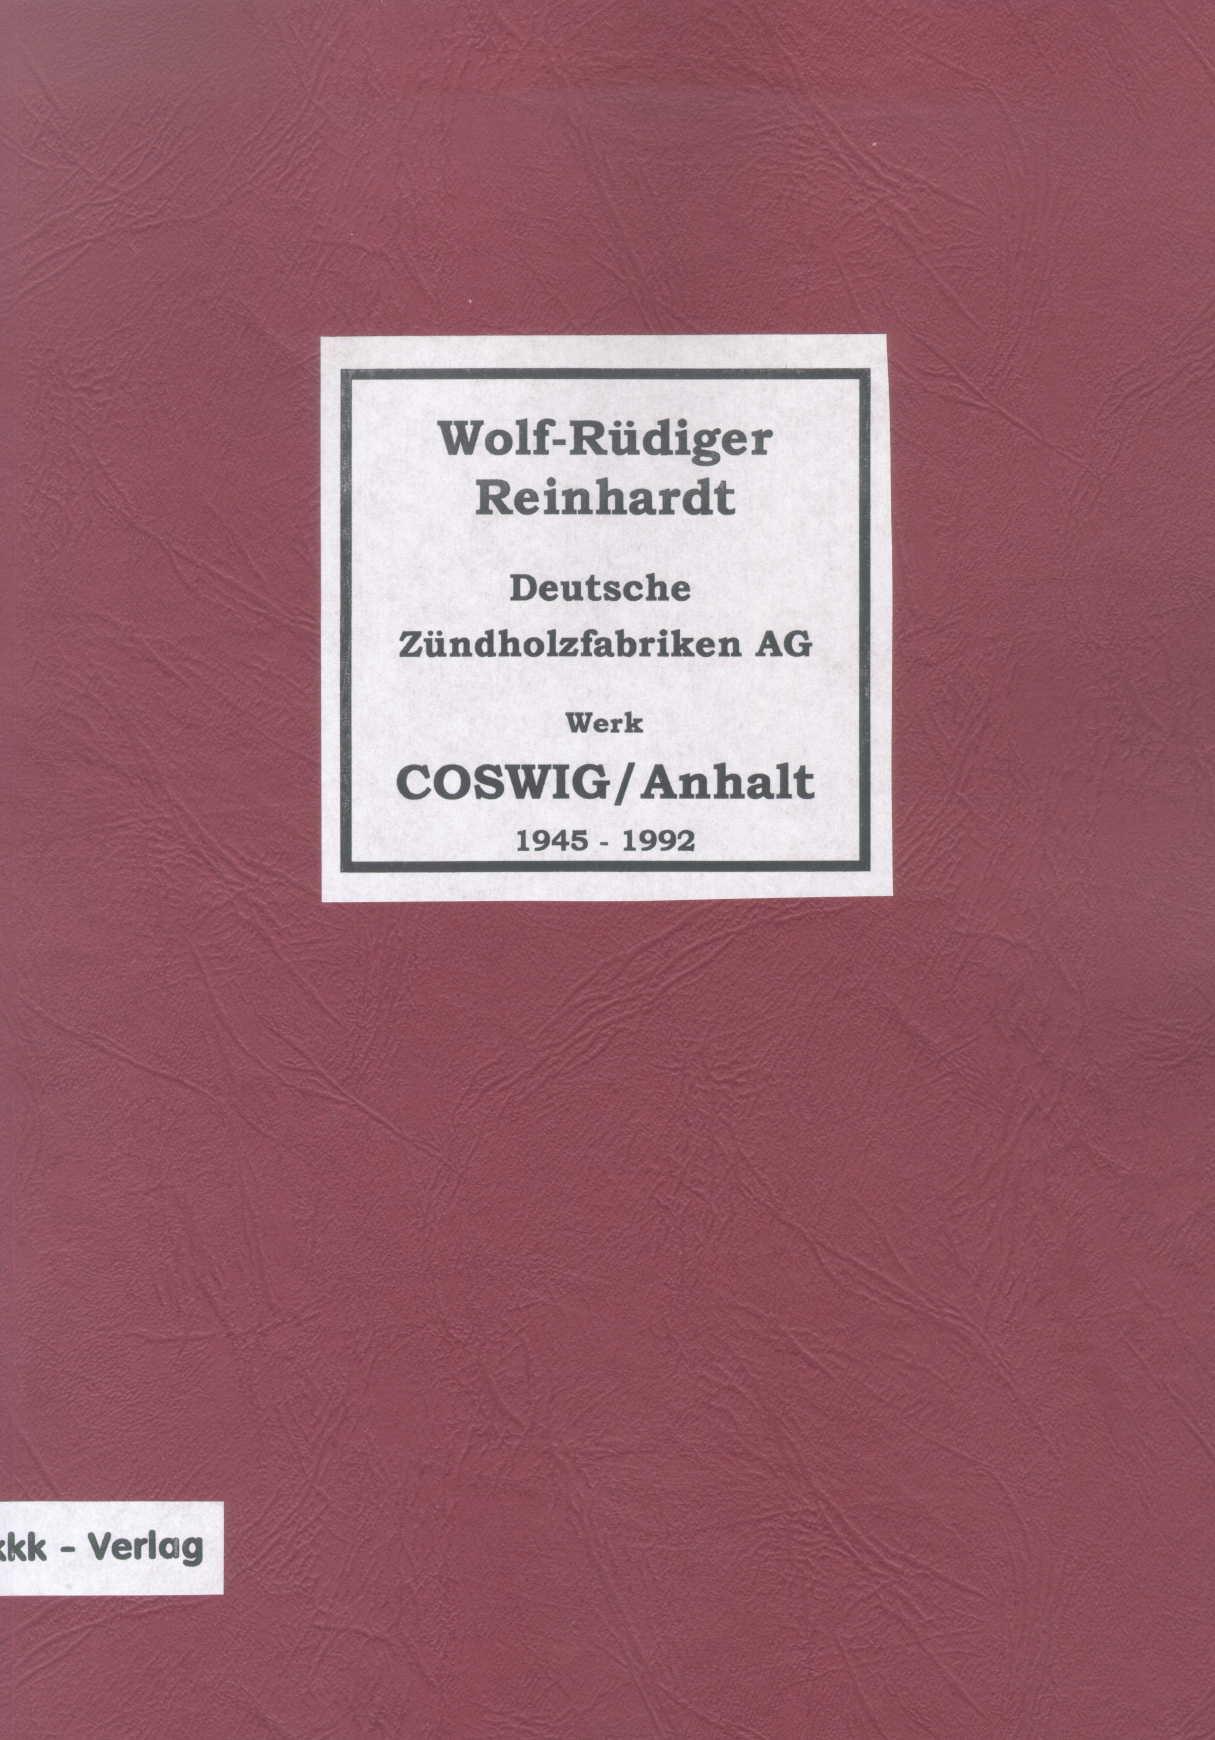 Reinhardt, Wolf-Rüdiger Zündholzschachteletiketten Deutsche Zünd